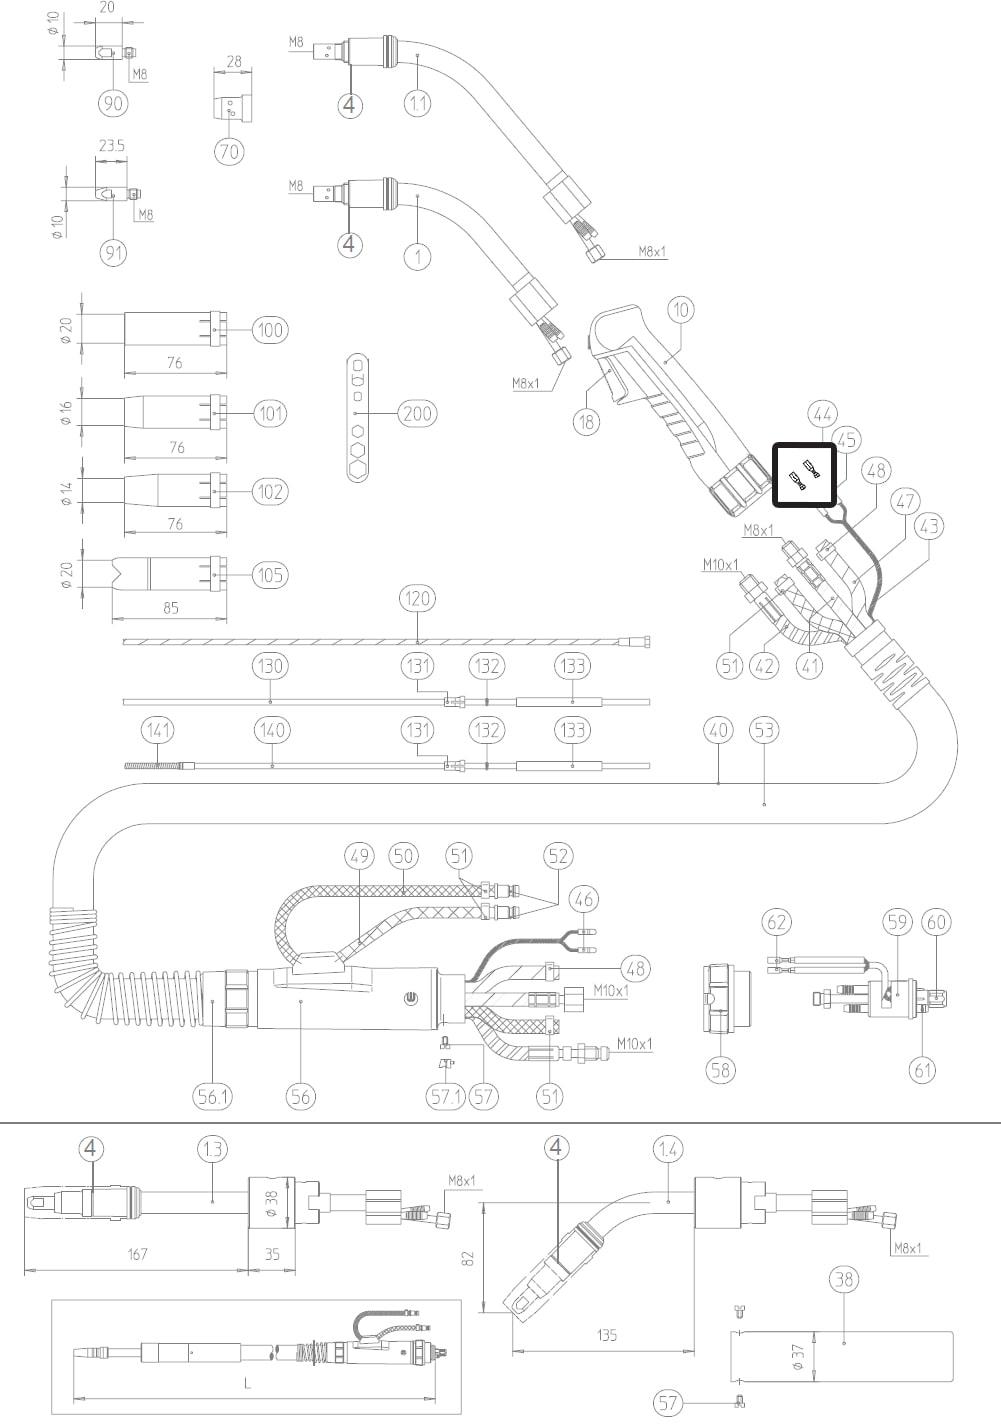 Dettaglio fastoncavetto micro torcia mig abicor binzel BZ1750022